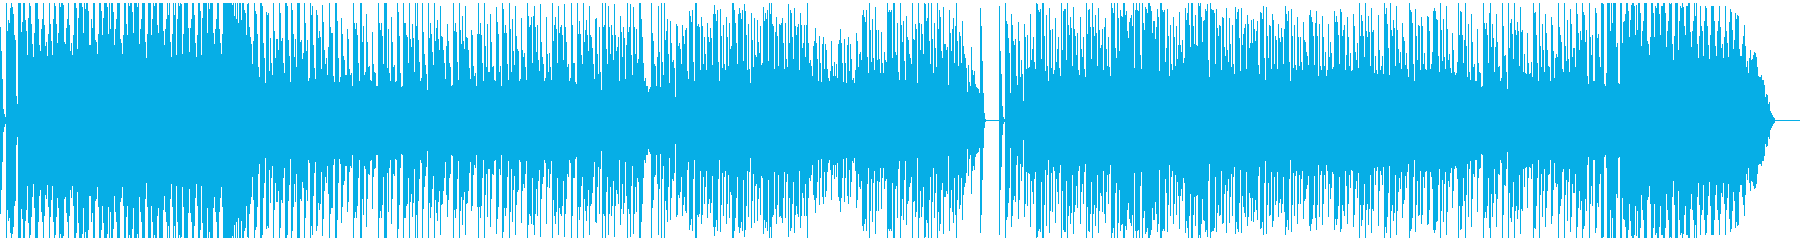 ロボテックなテクノサウンドEDMの再生済みの波形